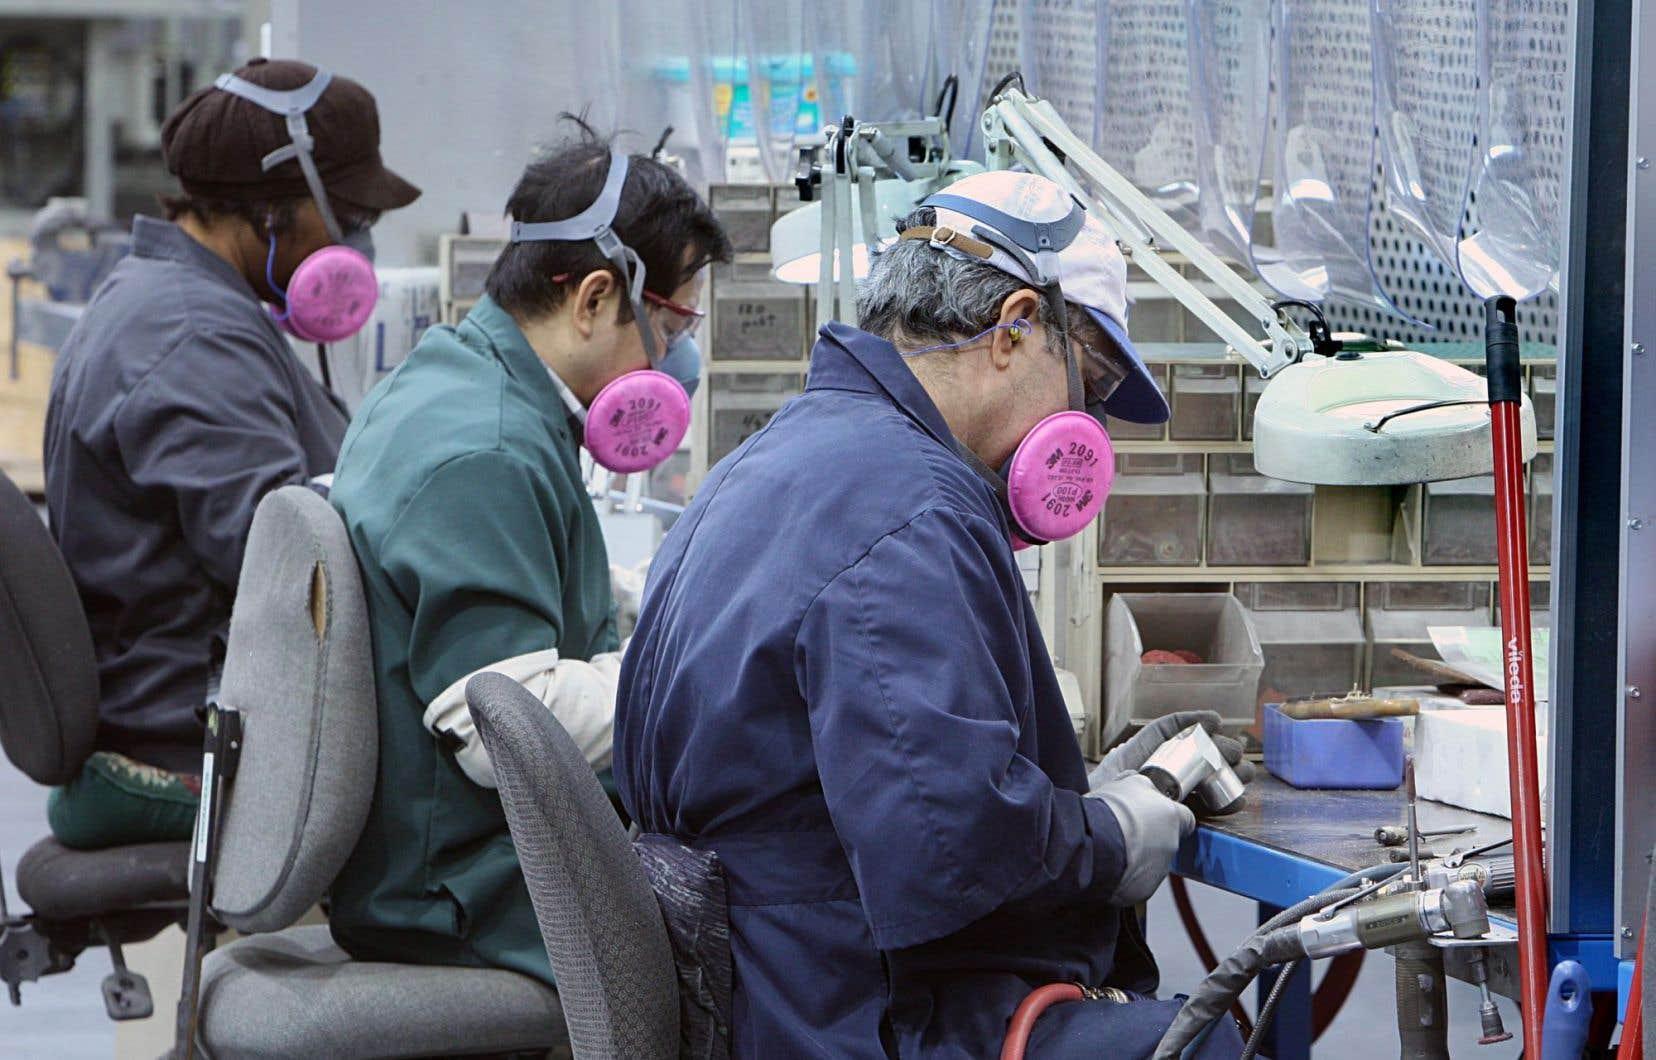 Les moyens par lesquels les délocalisations accroissent la productivité sont nombreux. L'un d'eux est qu'elles permettent aux entreprises de se spécialiser dans les tâches qu'elles accomplissent le mieux.